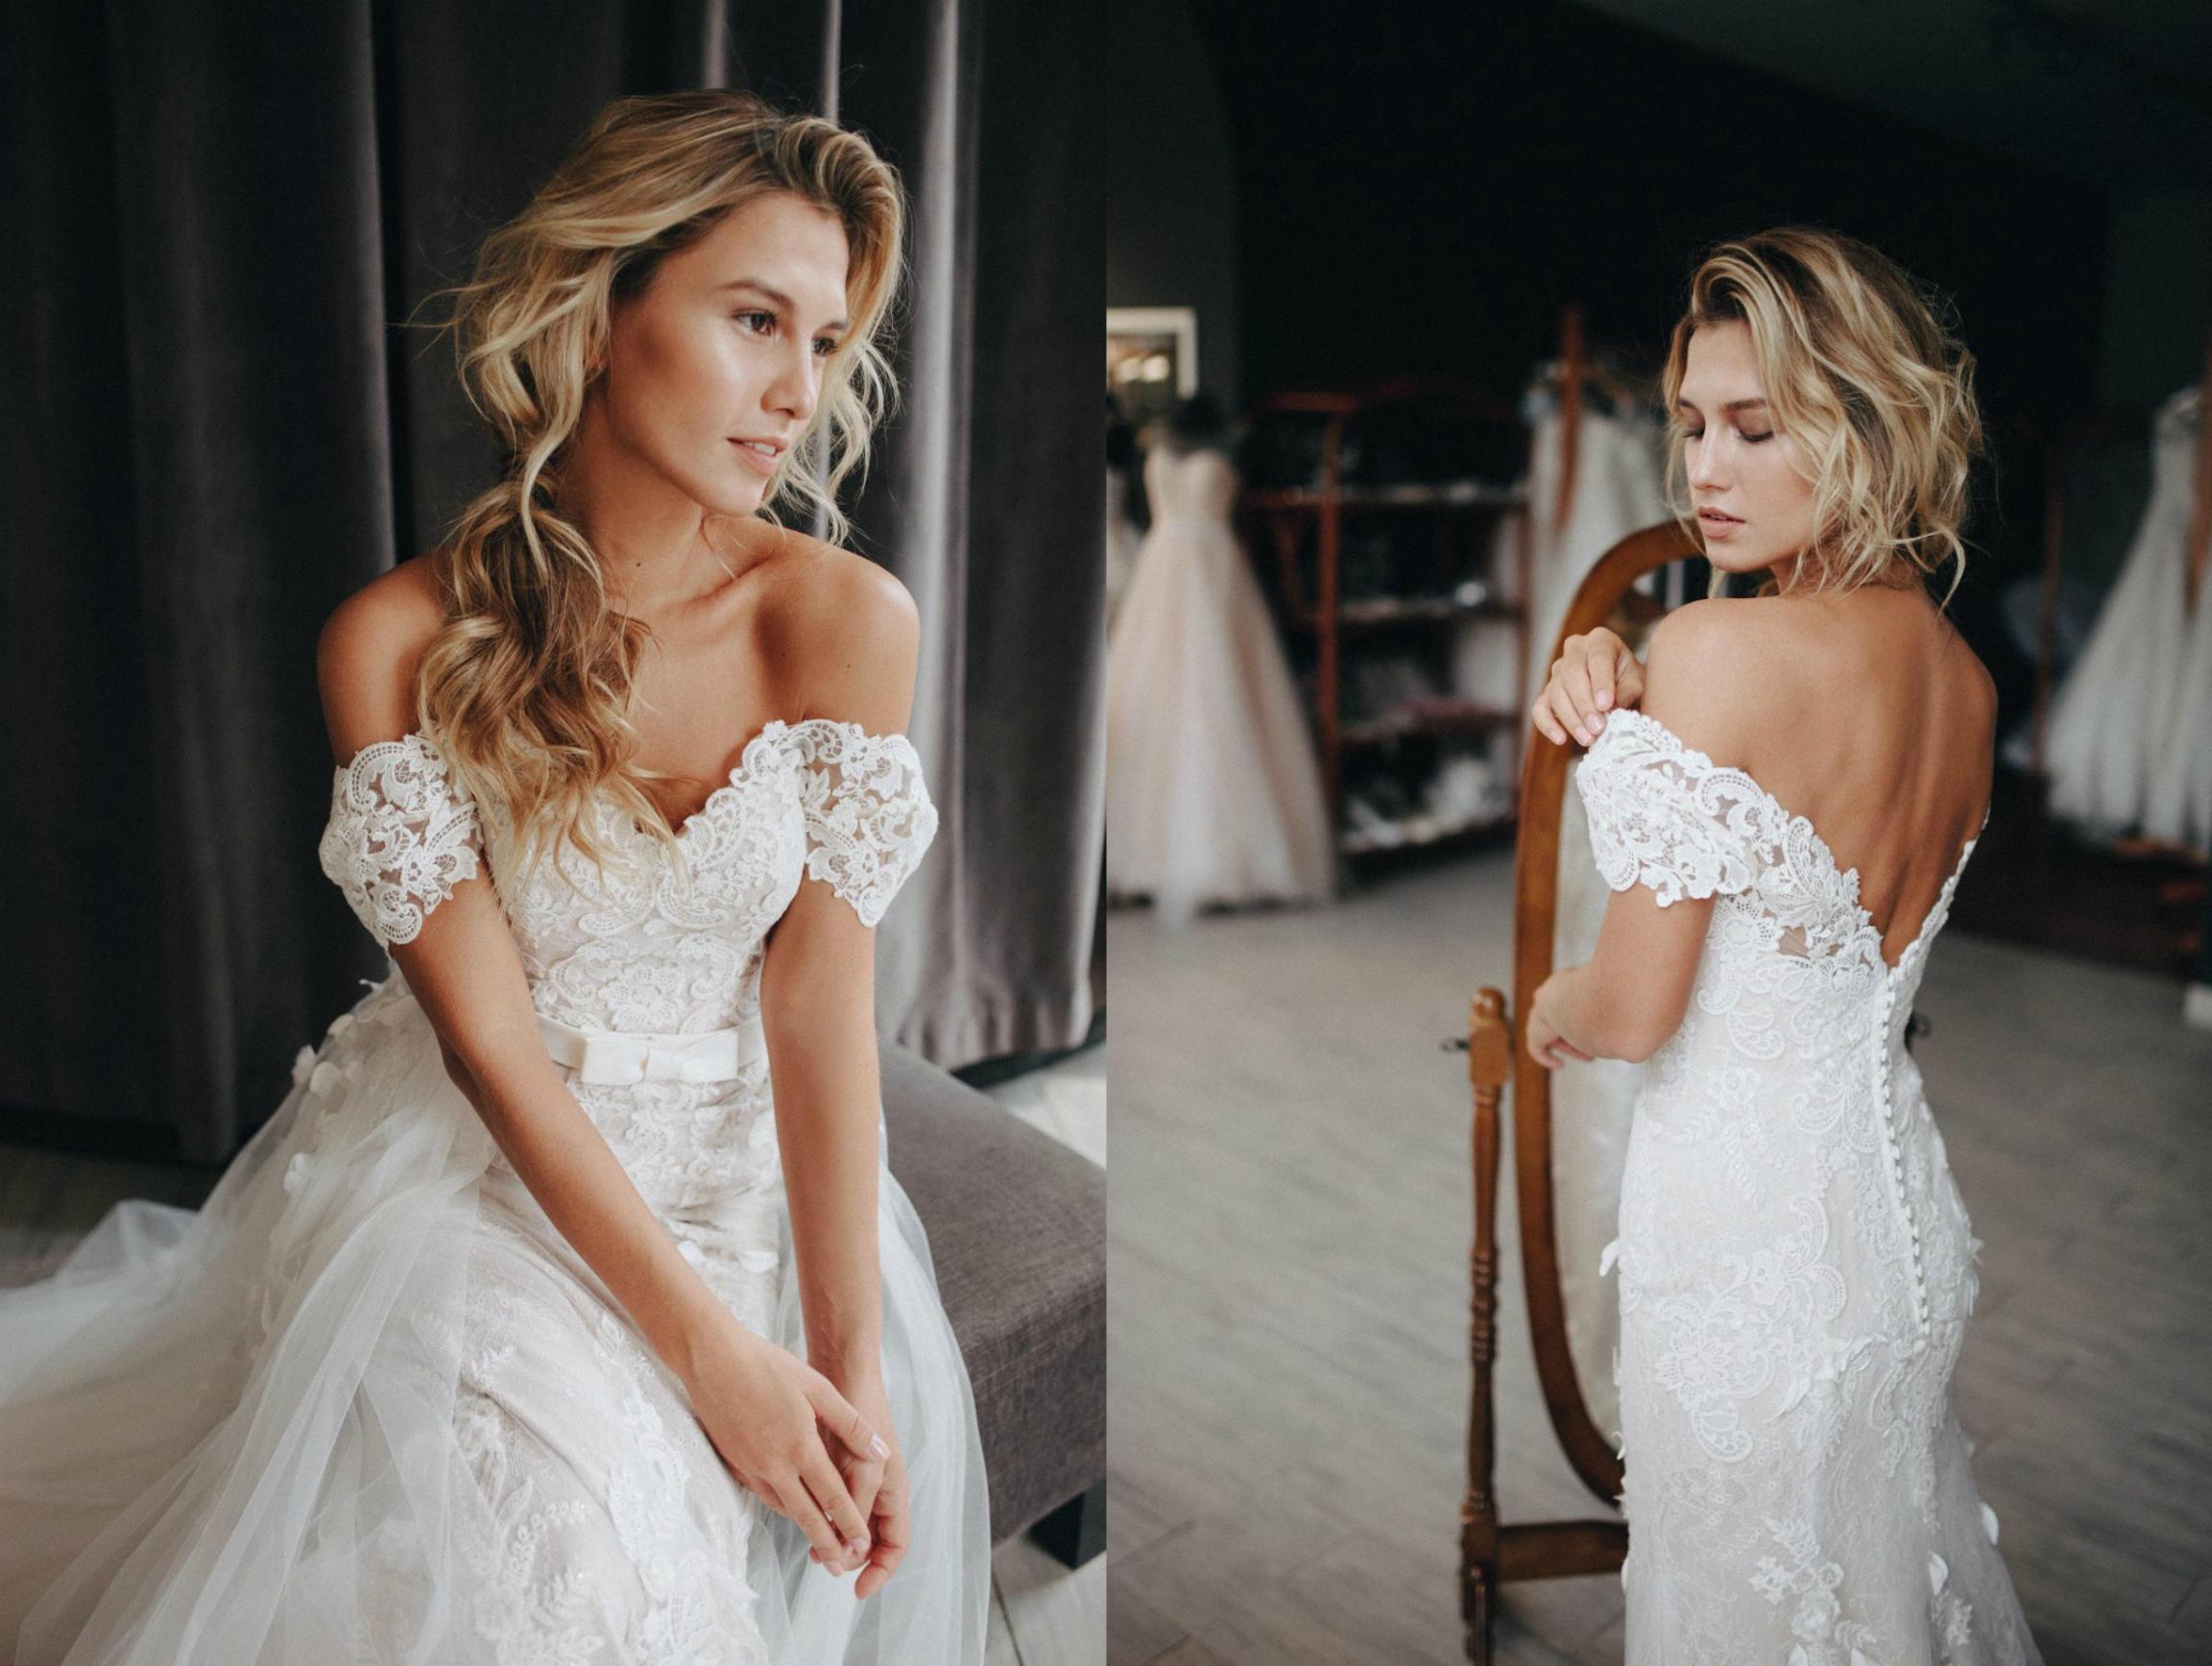 Свадебные прически: идеи и советы профессионального стилиста